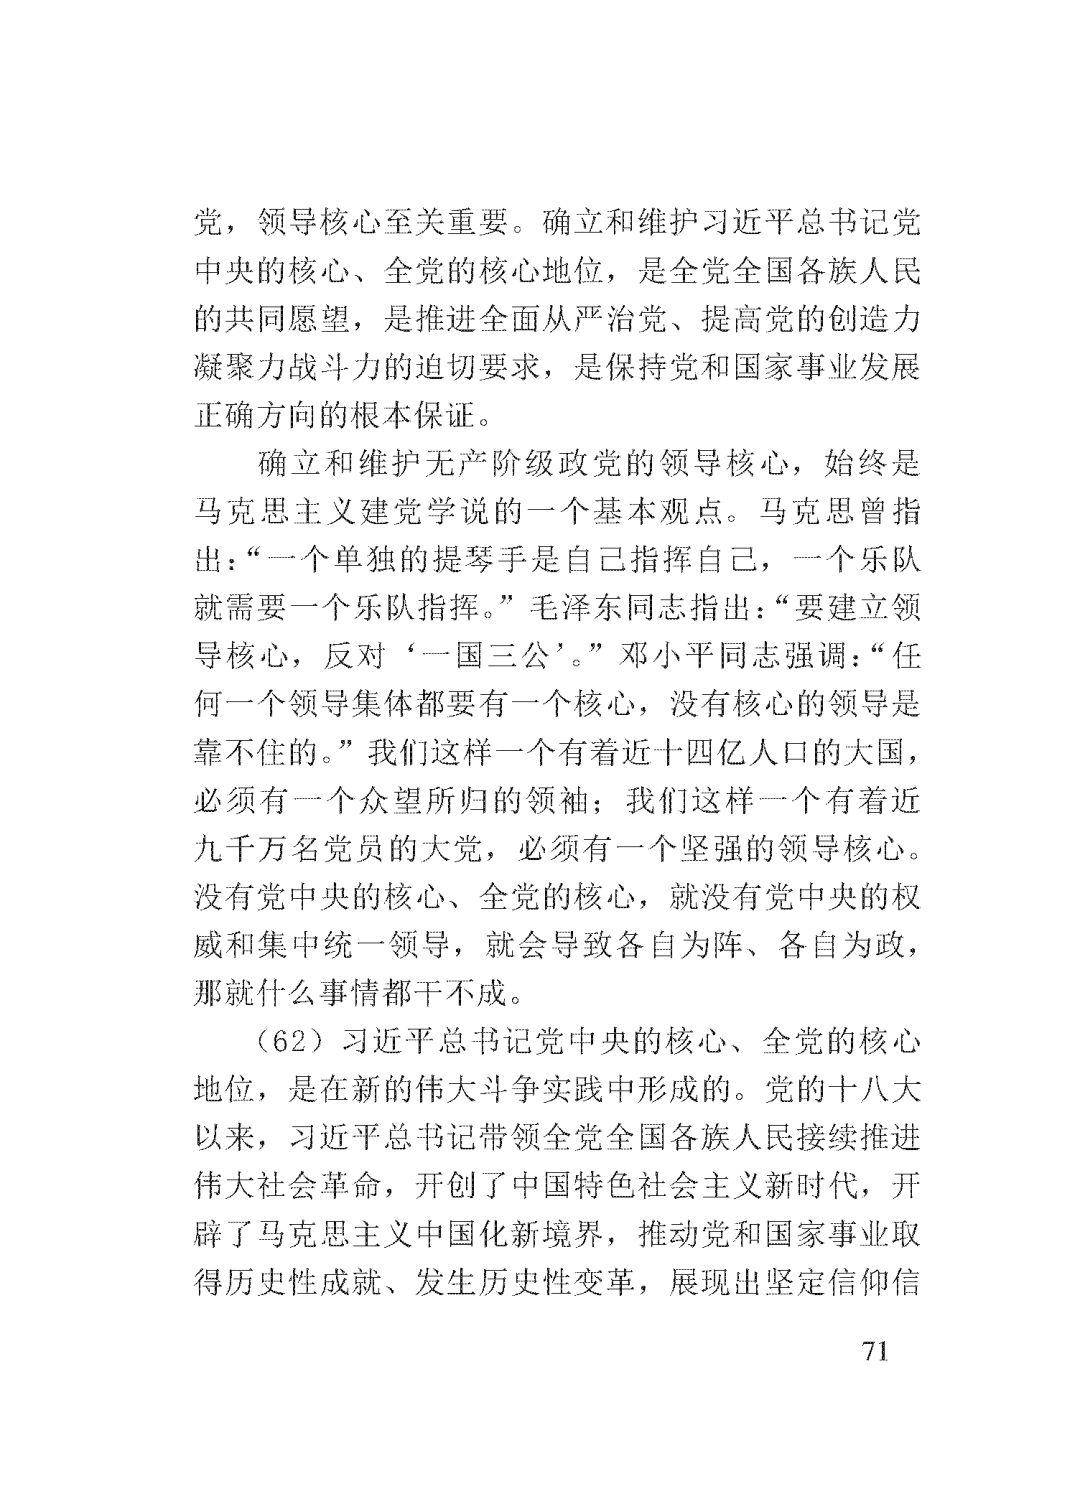 中国最本质的特征_中国特色社会主义最本质的特征.社会主义法治最根本